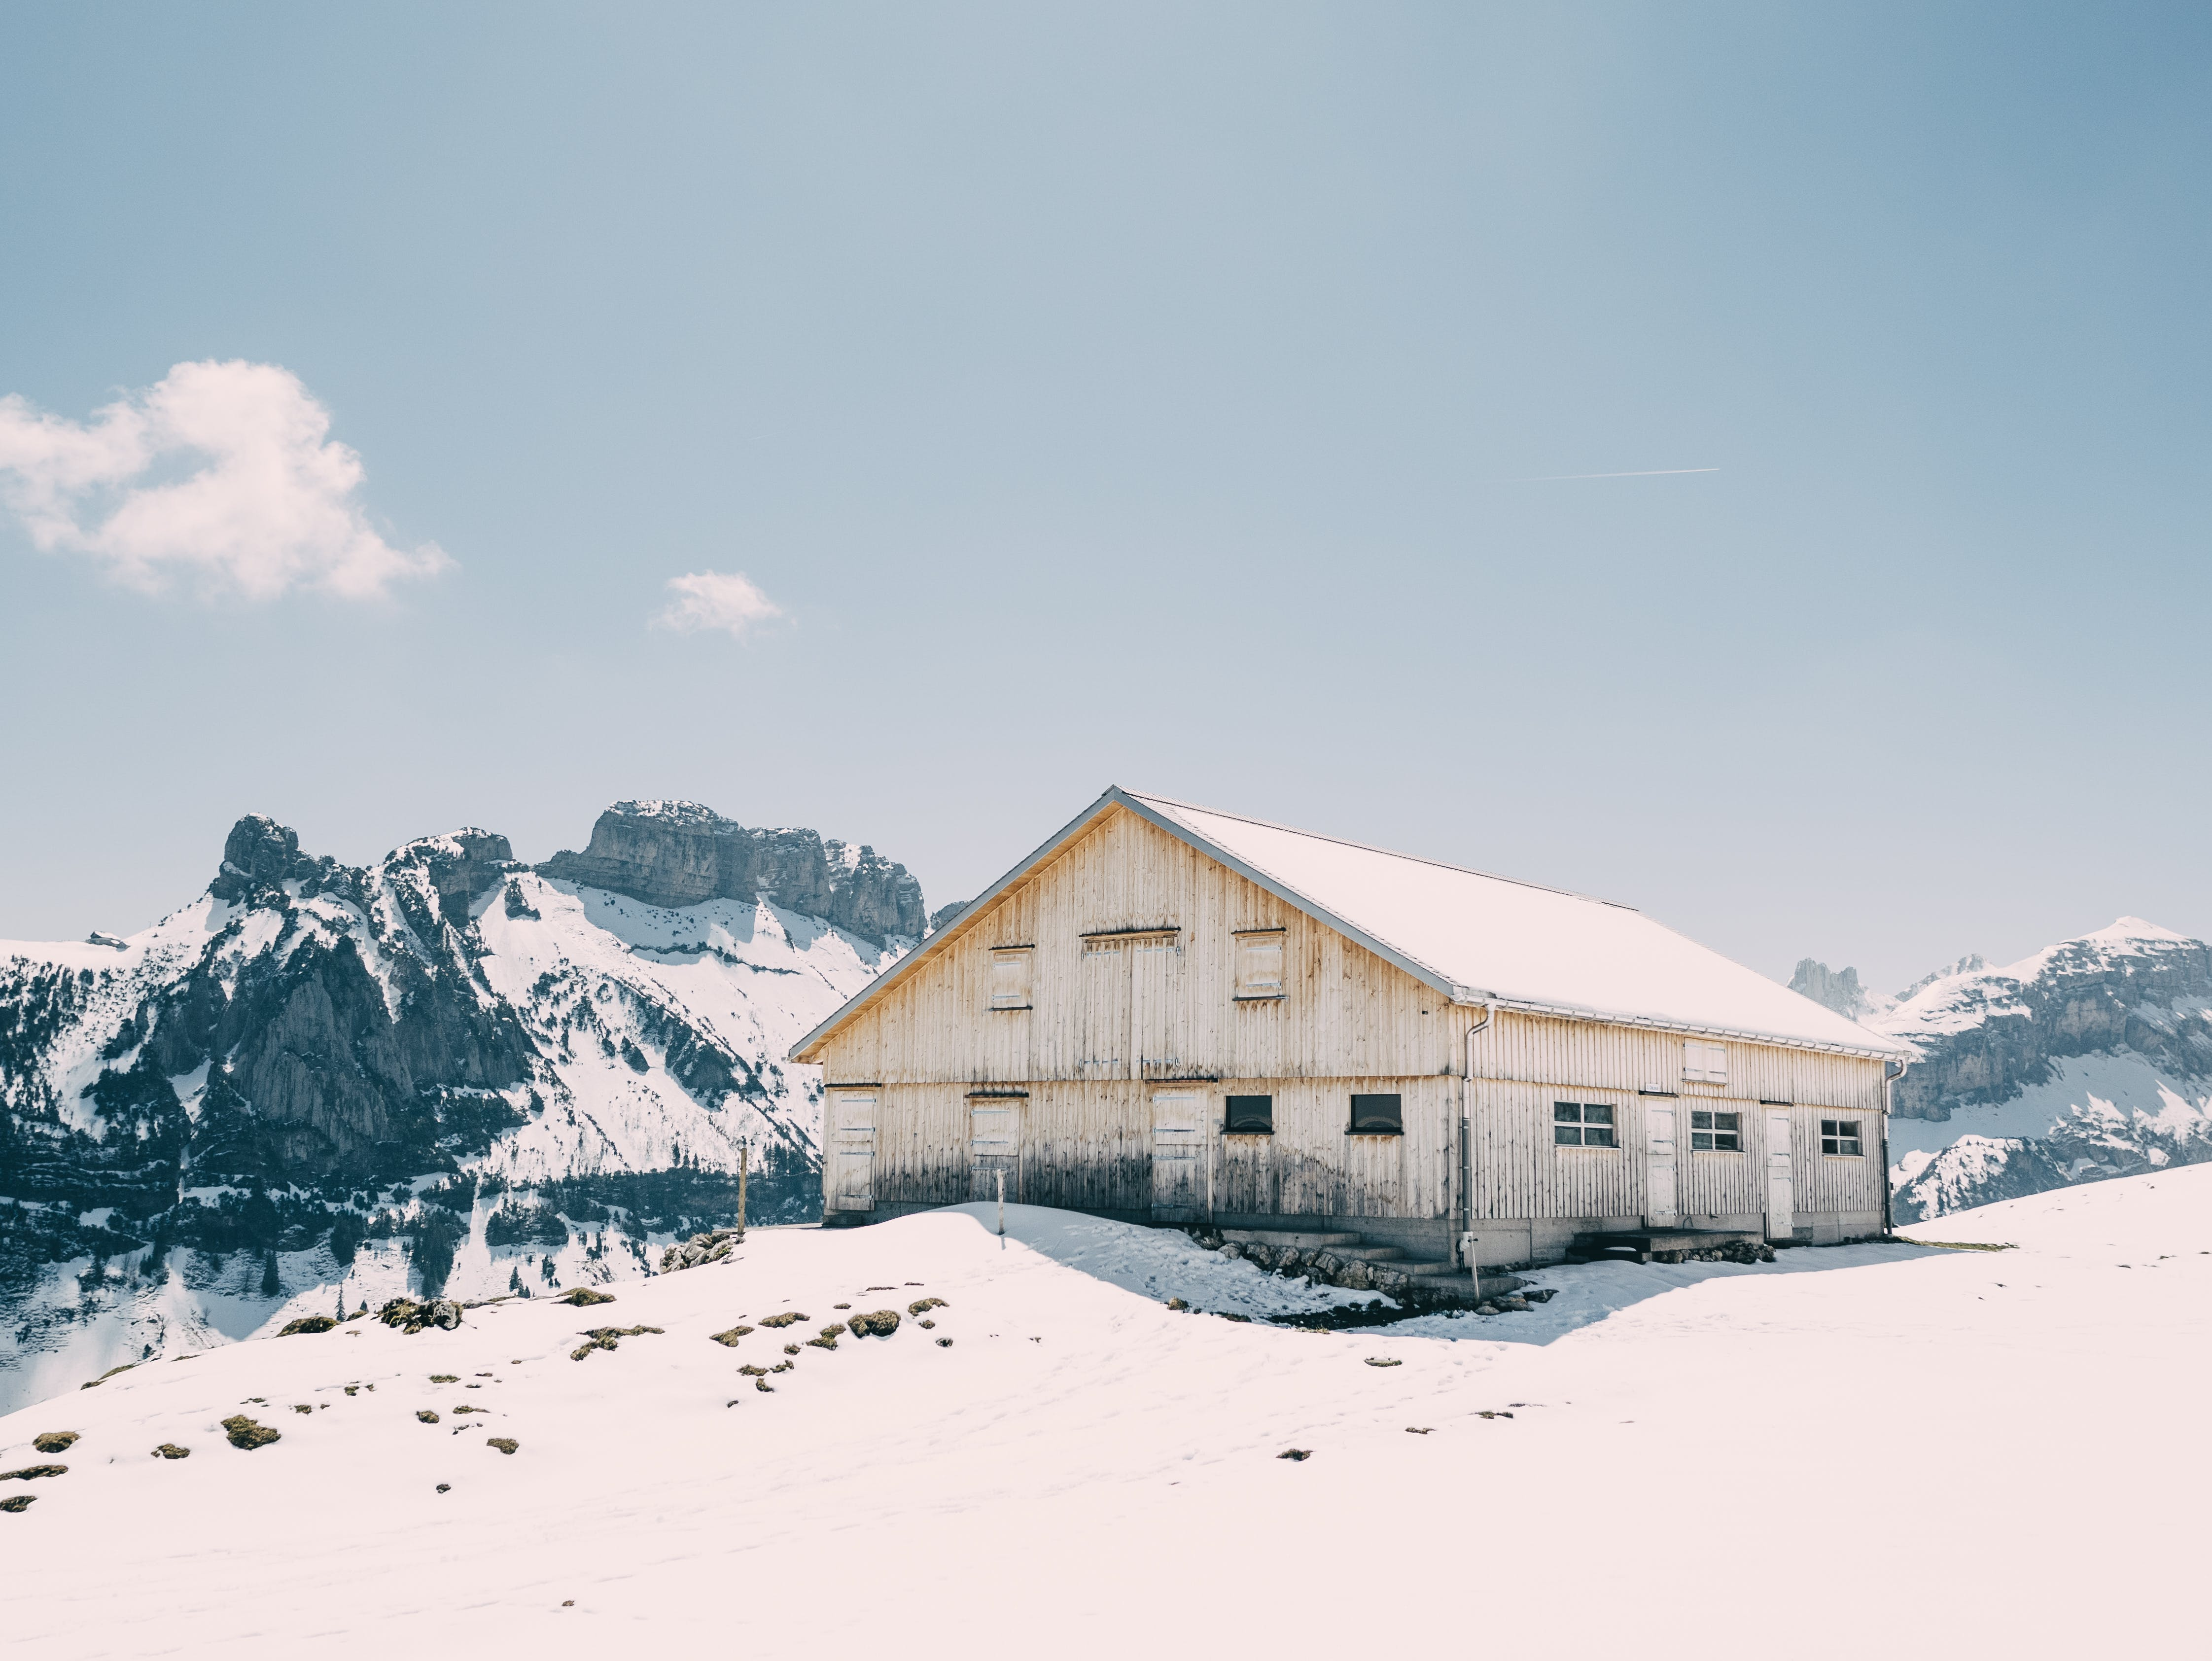 açık hava, buz, buz gibi hava, buz tutmuş içeren Ücretsiz stok fotoğraf